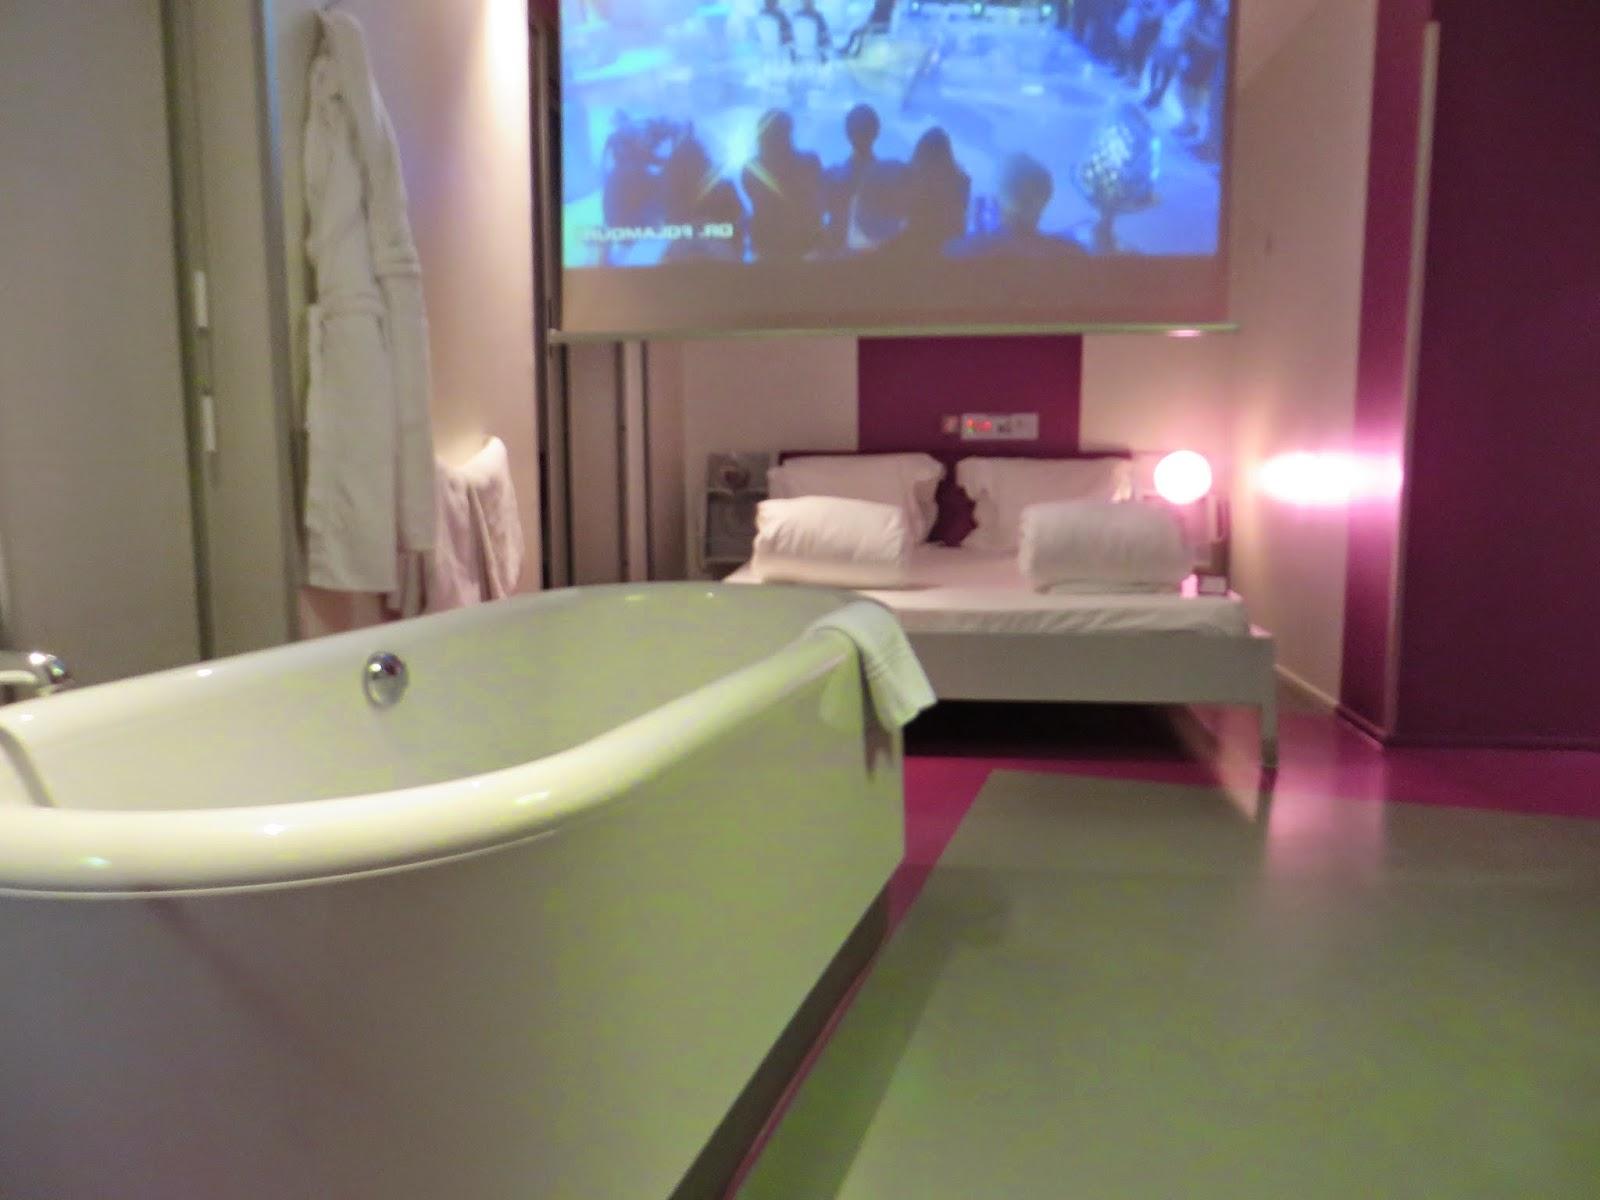 entrevoir hi hotel nice matali crasset. Black Bedroom Furniture Sets. Home Design Ideas